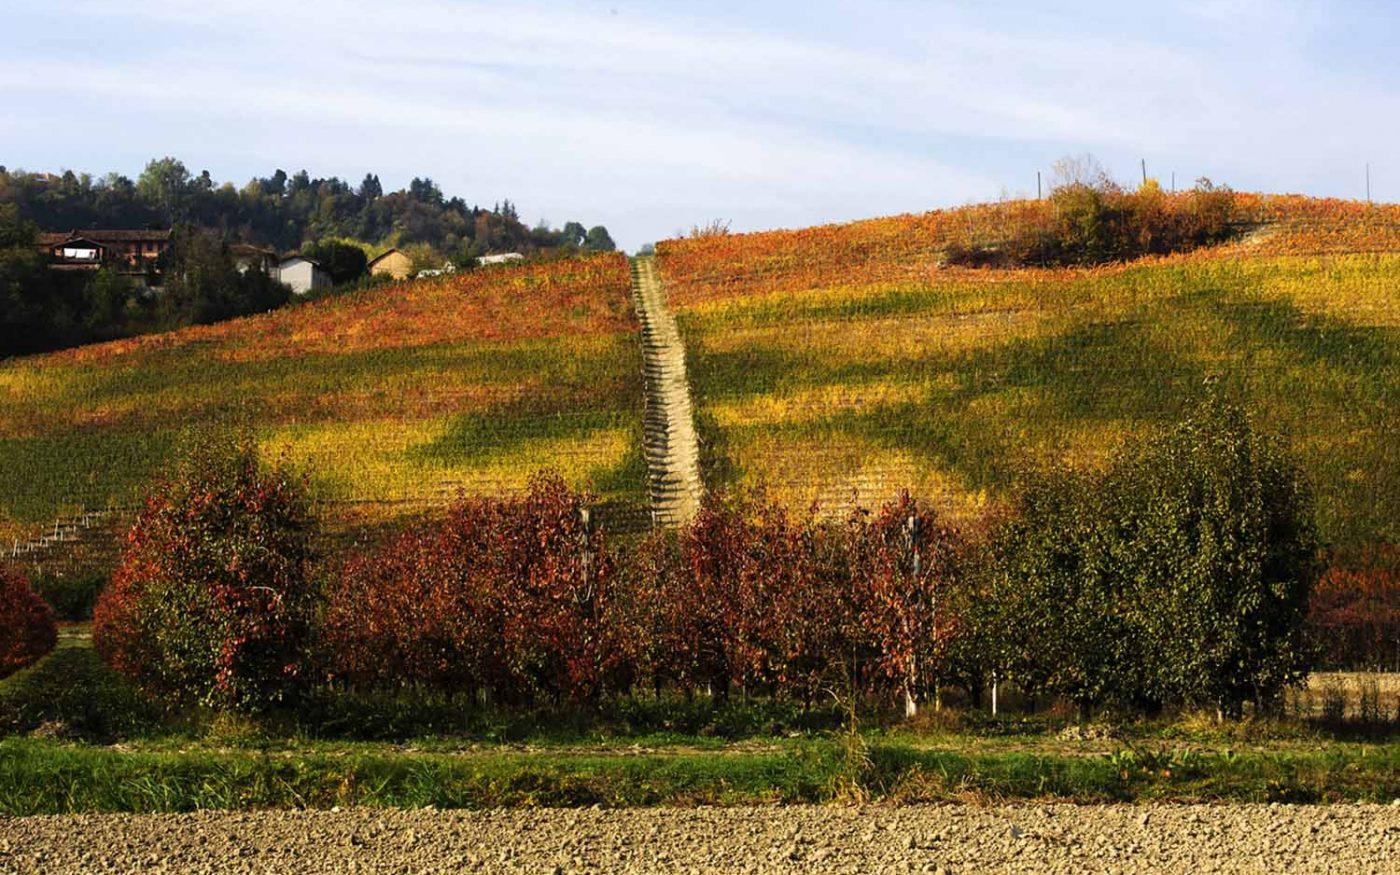 Borgogno Rivata - Collina d'autunno